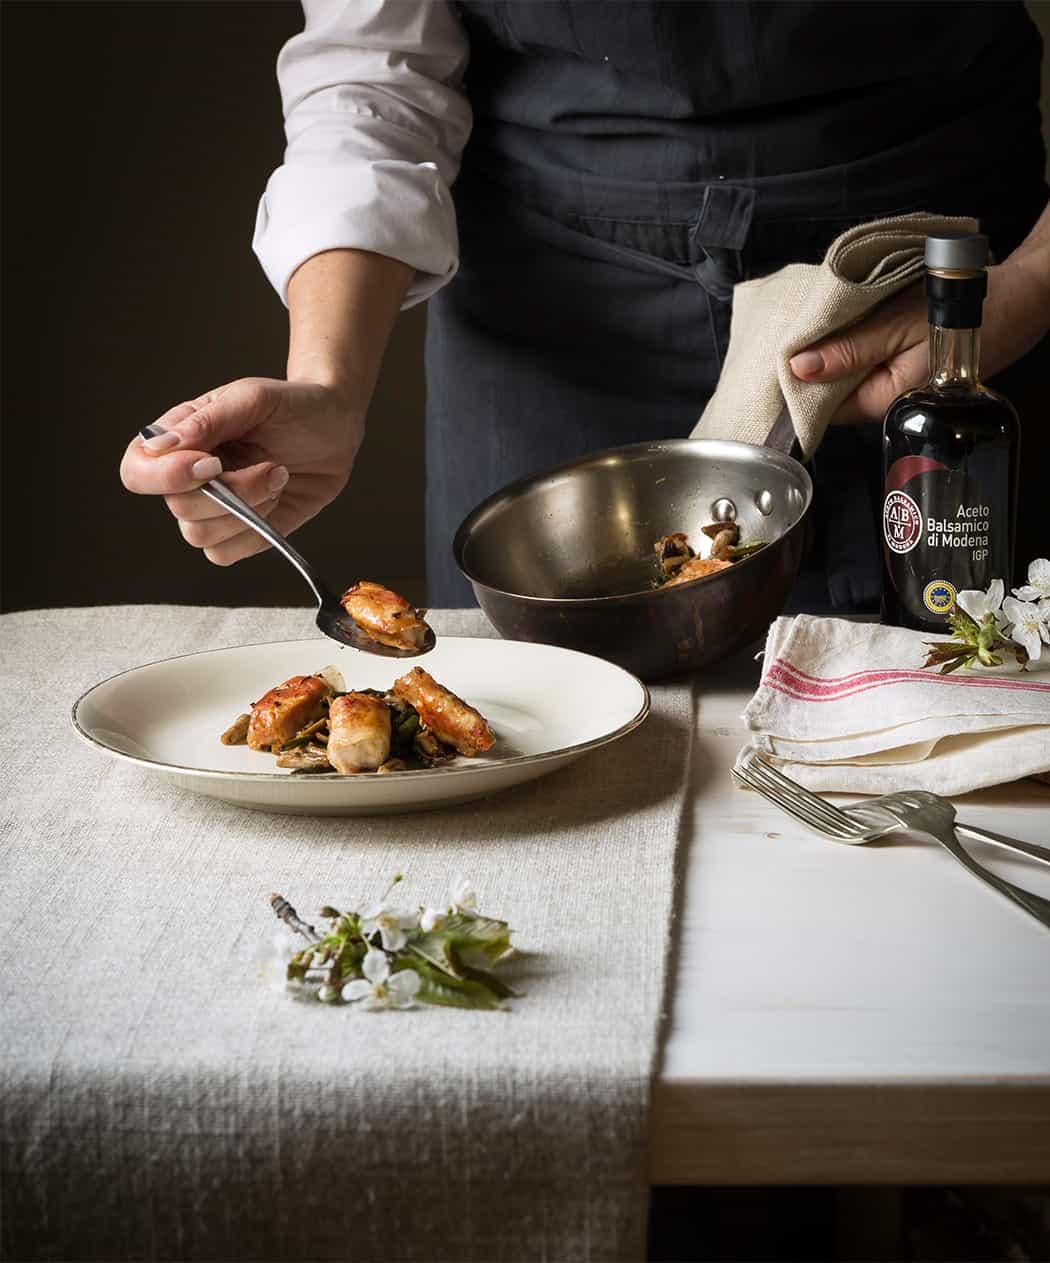 ricetta involtino con pancetta all'aceto balsamico